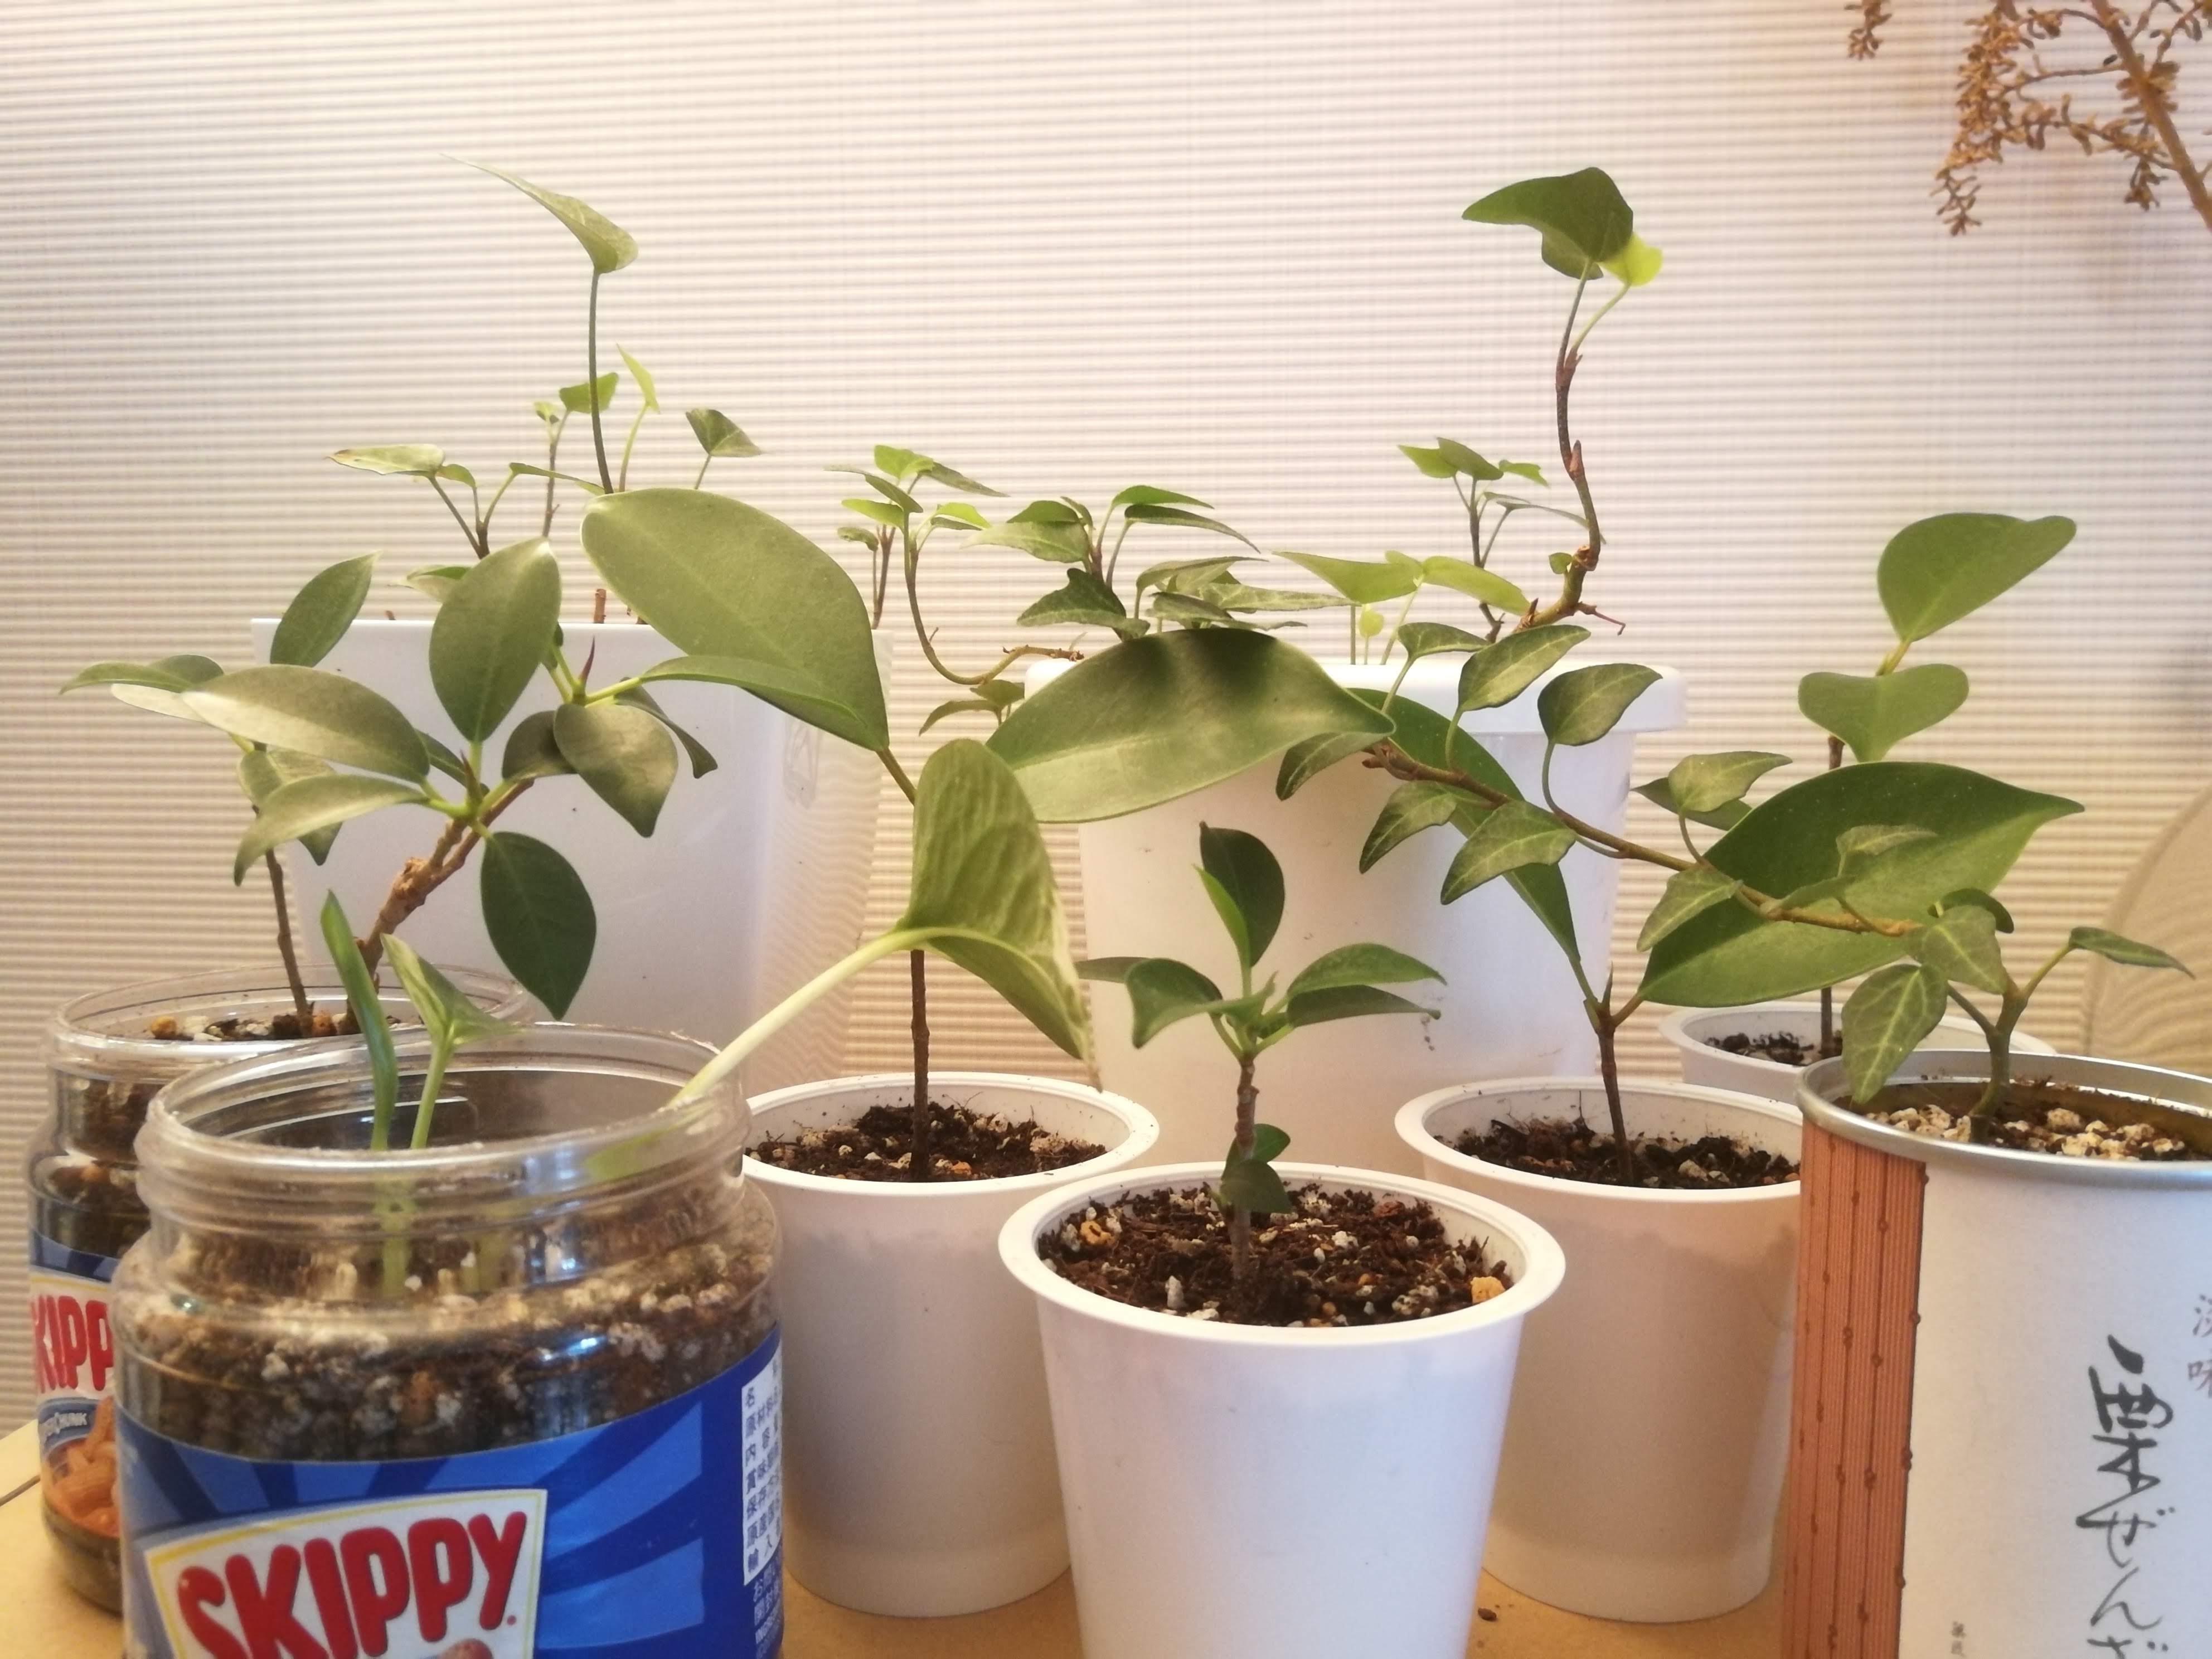 文とは関係ないけど、うちでワサワサ増えた植物、ほしい方お譲りしますー!